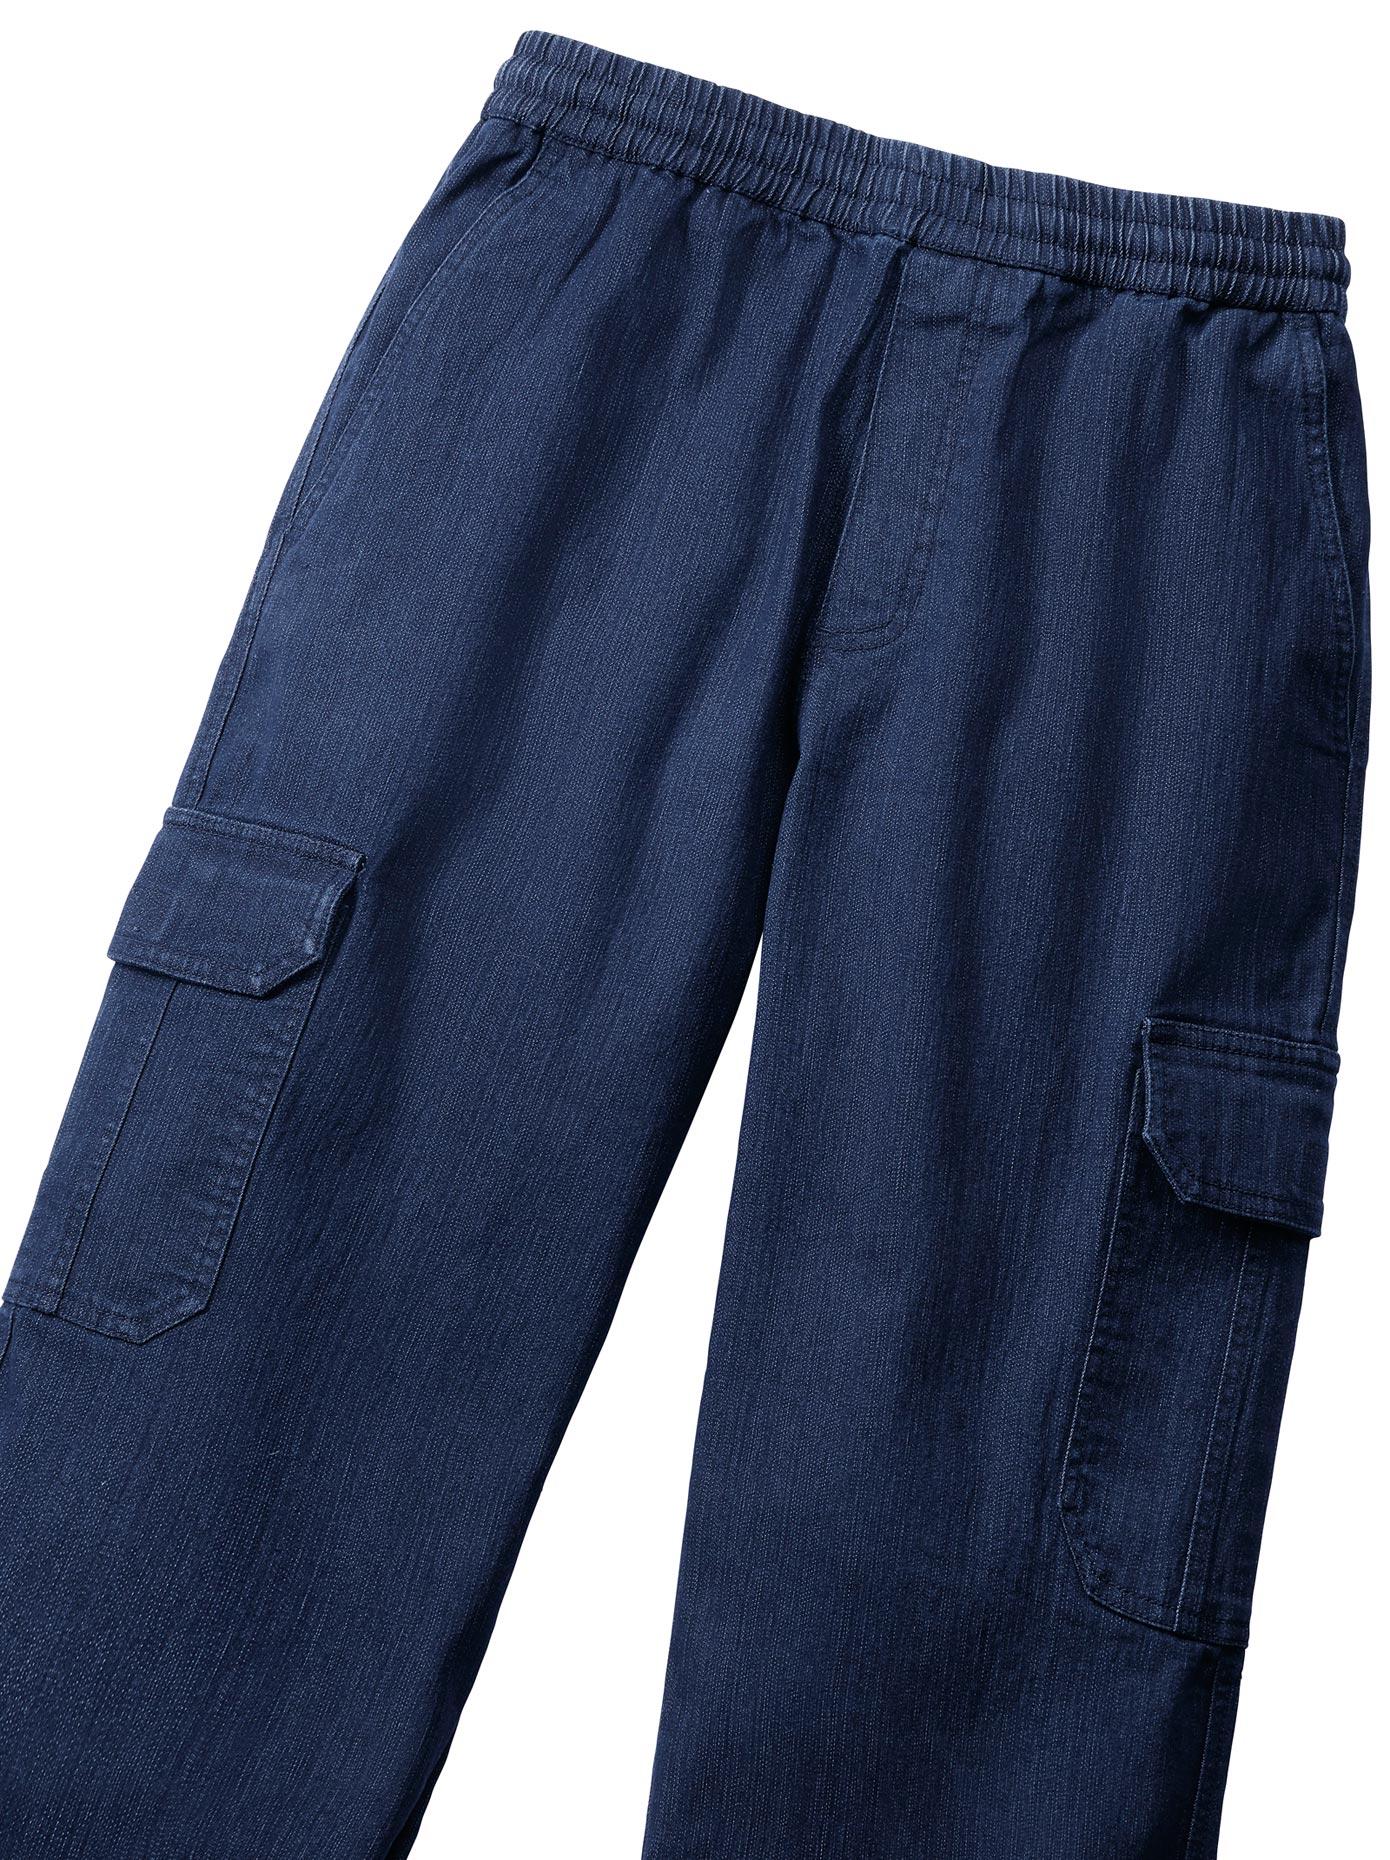 Image of Catamaran Jeans mit hohem Tragekomfort